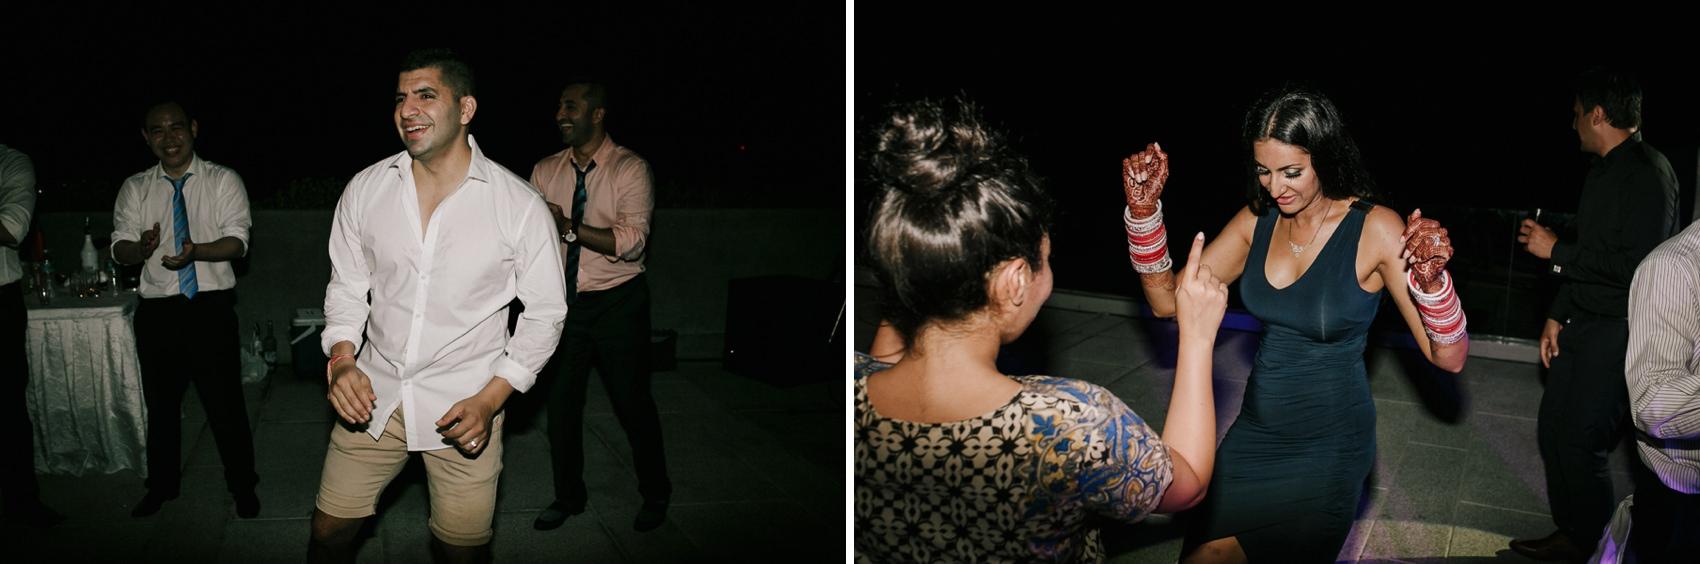 Indian-Wedding-Photography-Maala-Rohan_0280